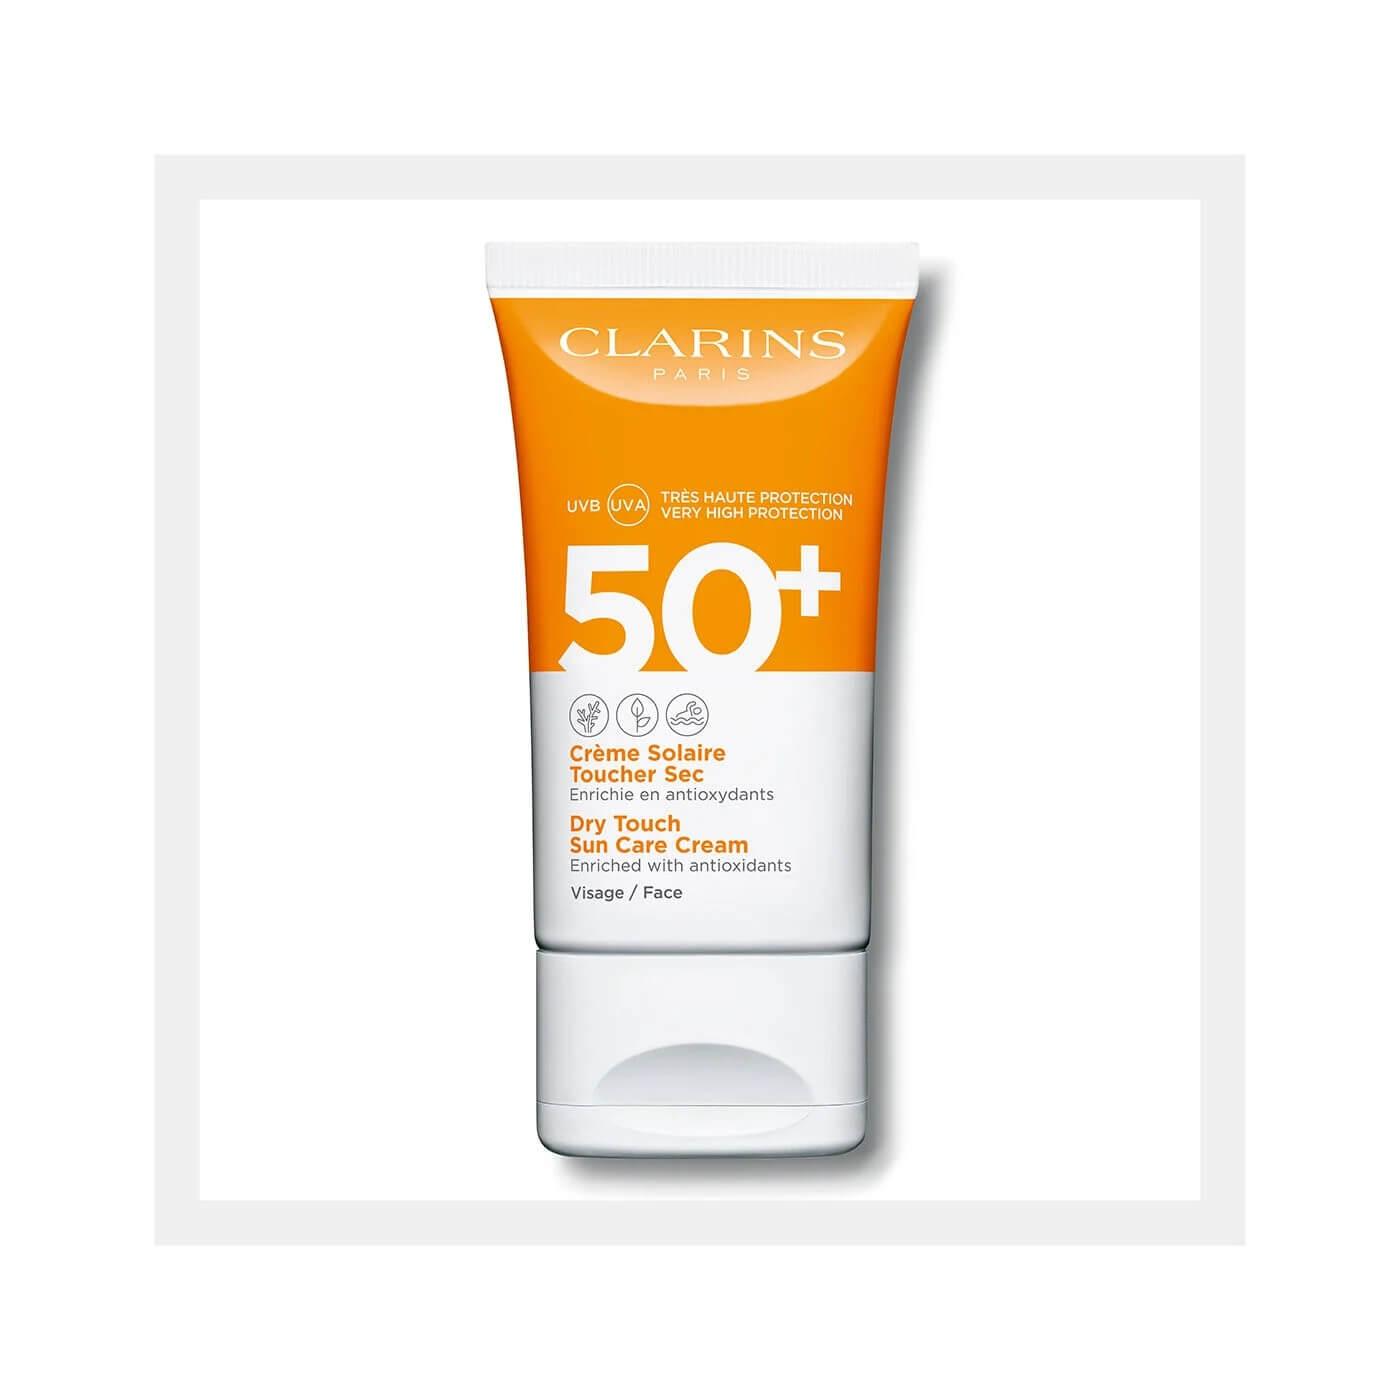 Clarins Suncare Face Cream SPF50+ HK$260 蘊含「防曬植物複合物」,由多種植物萃取而組成,無論身處任何地點、場合、陽光強度或活動,都能為肌膚提供多重保護。適合所有肌膚及所有環境使用,連極敏感的肌膚也不例外。